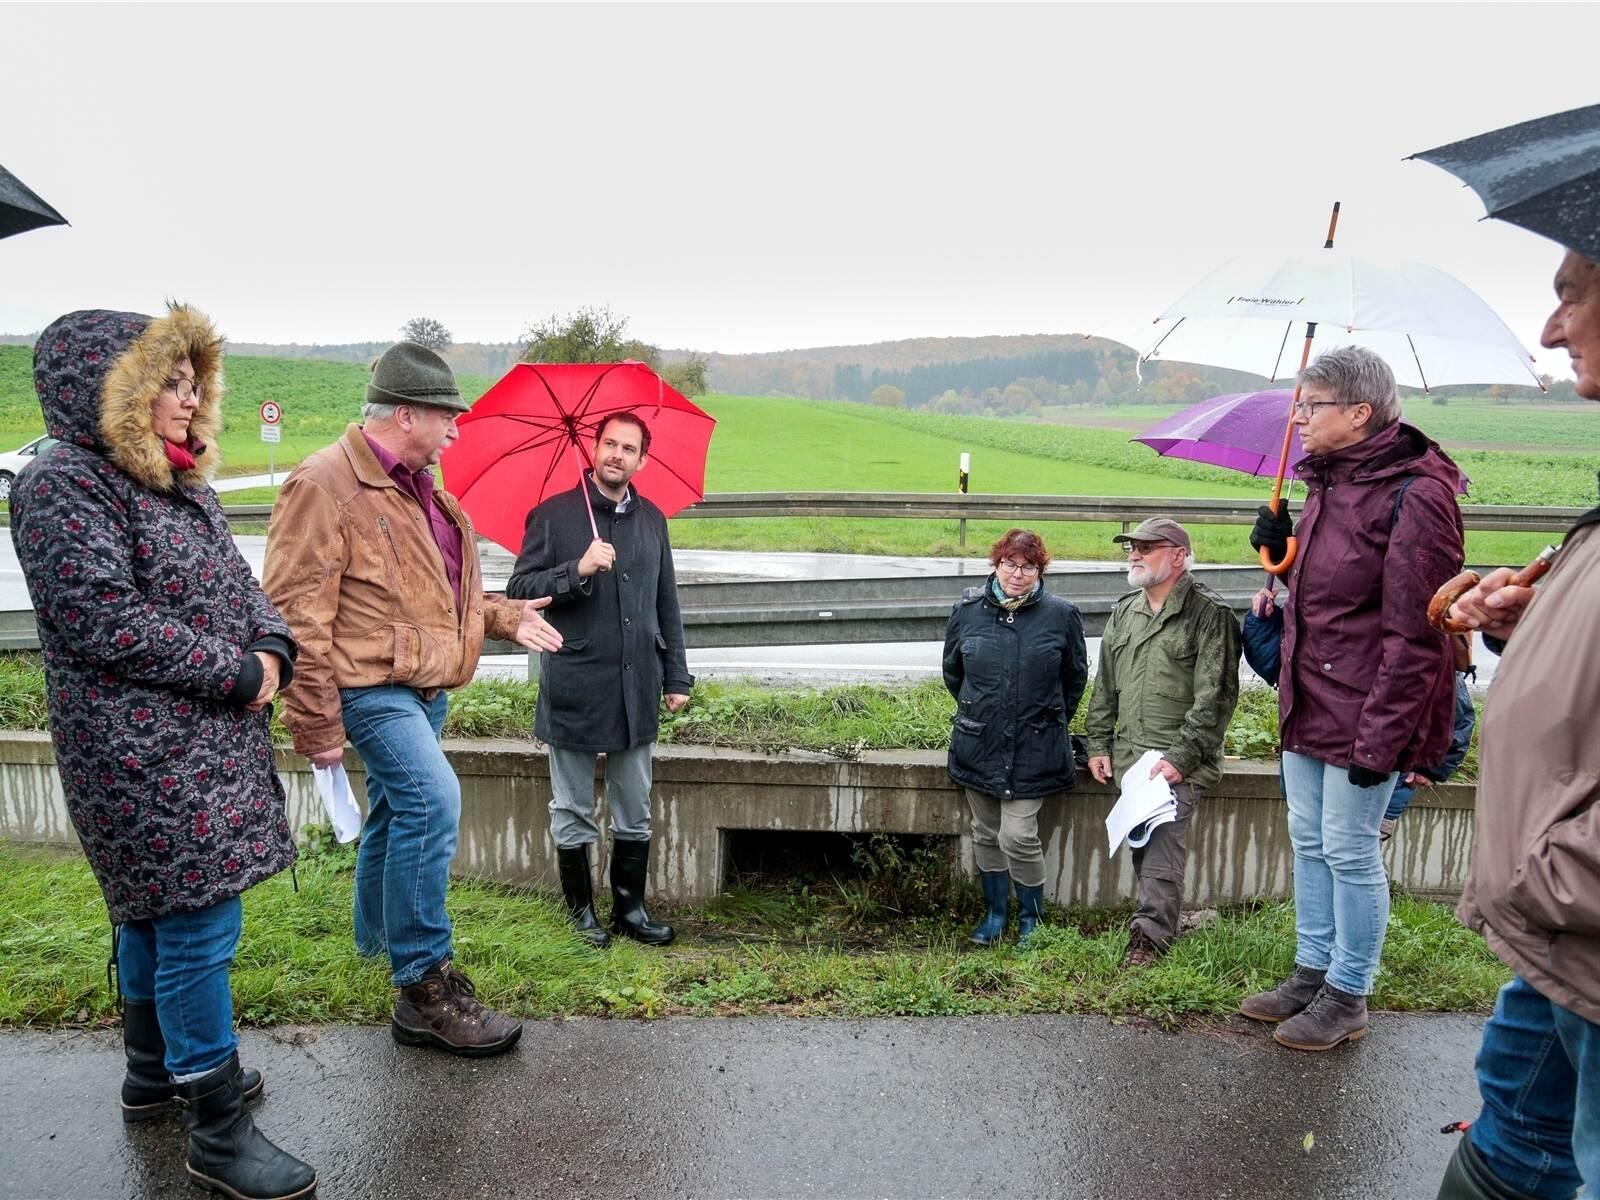 Naturschutz ist mehr als Krötentragen und Bäumepflanzen: Wie Ehrenamtliche in Keltern etwas für die Umwelt tun - Region - Pforzheimer Zeitung